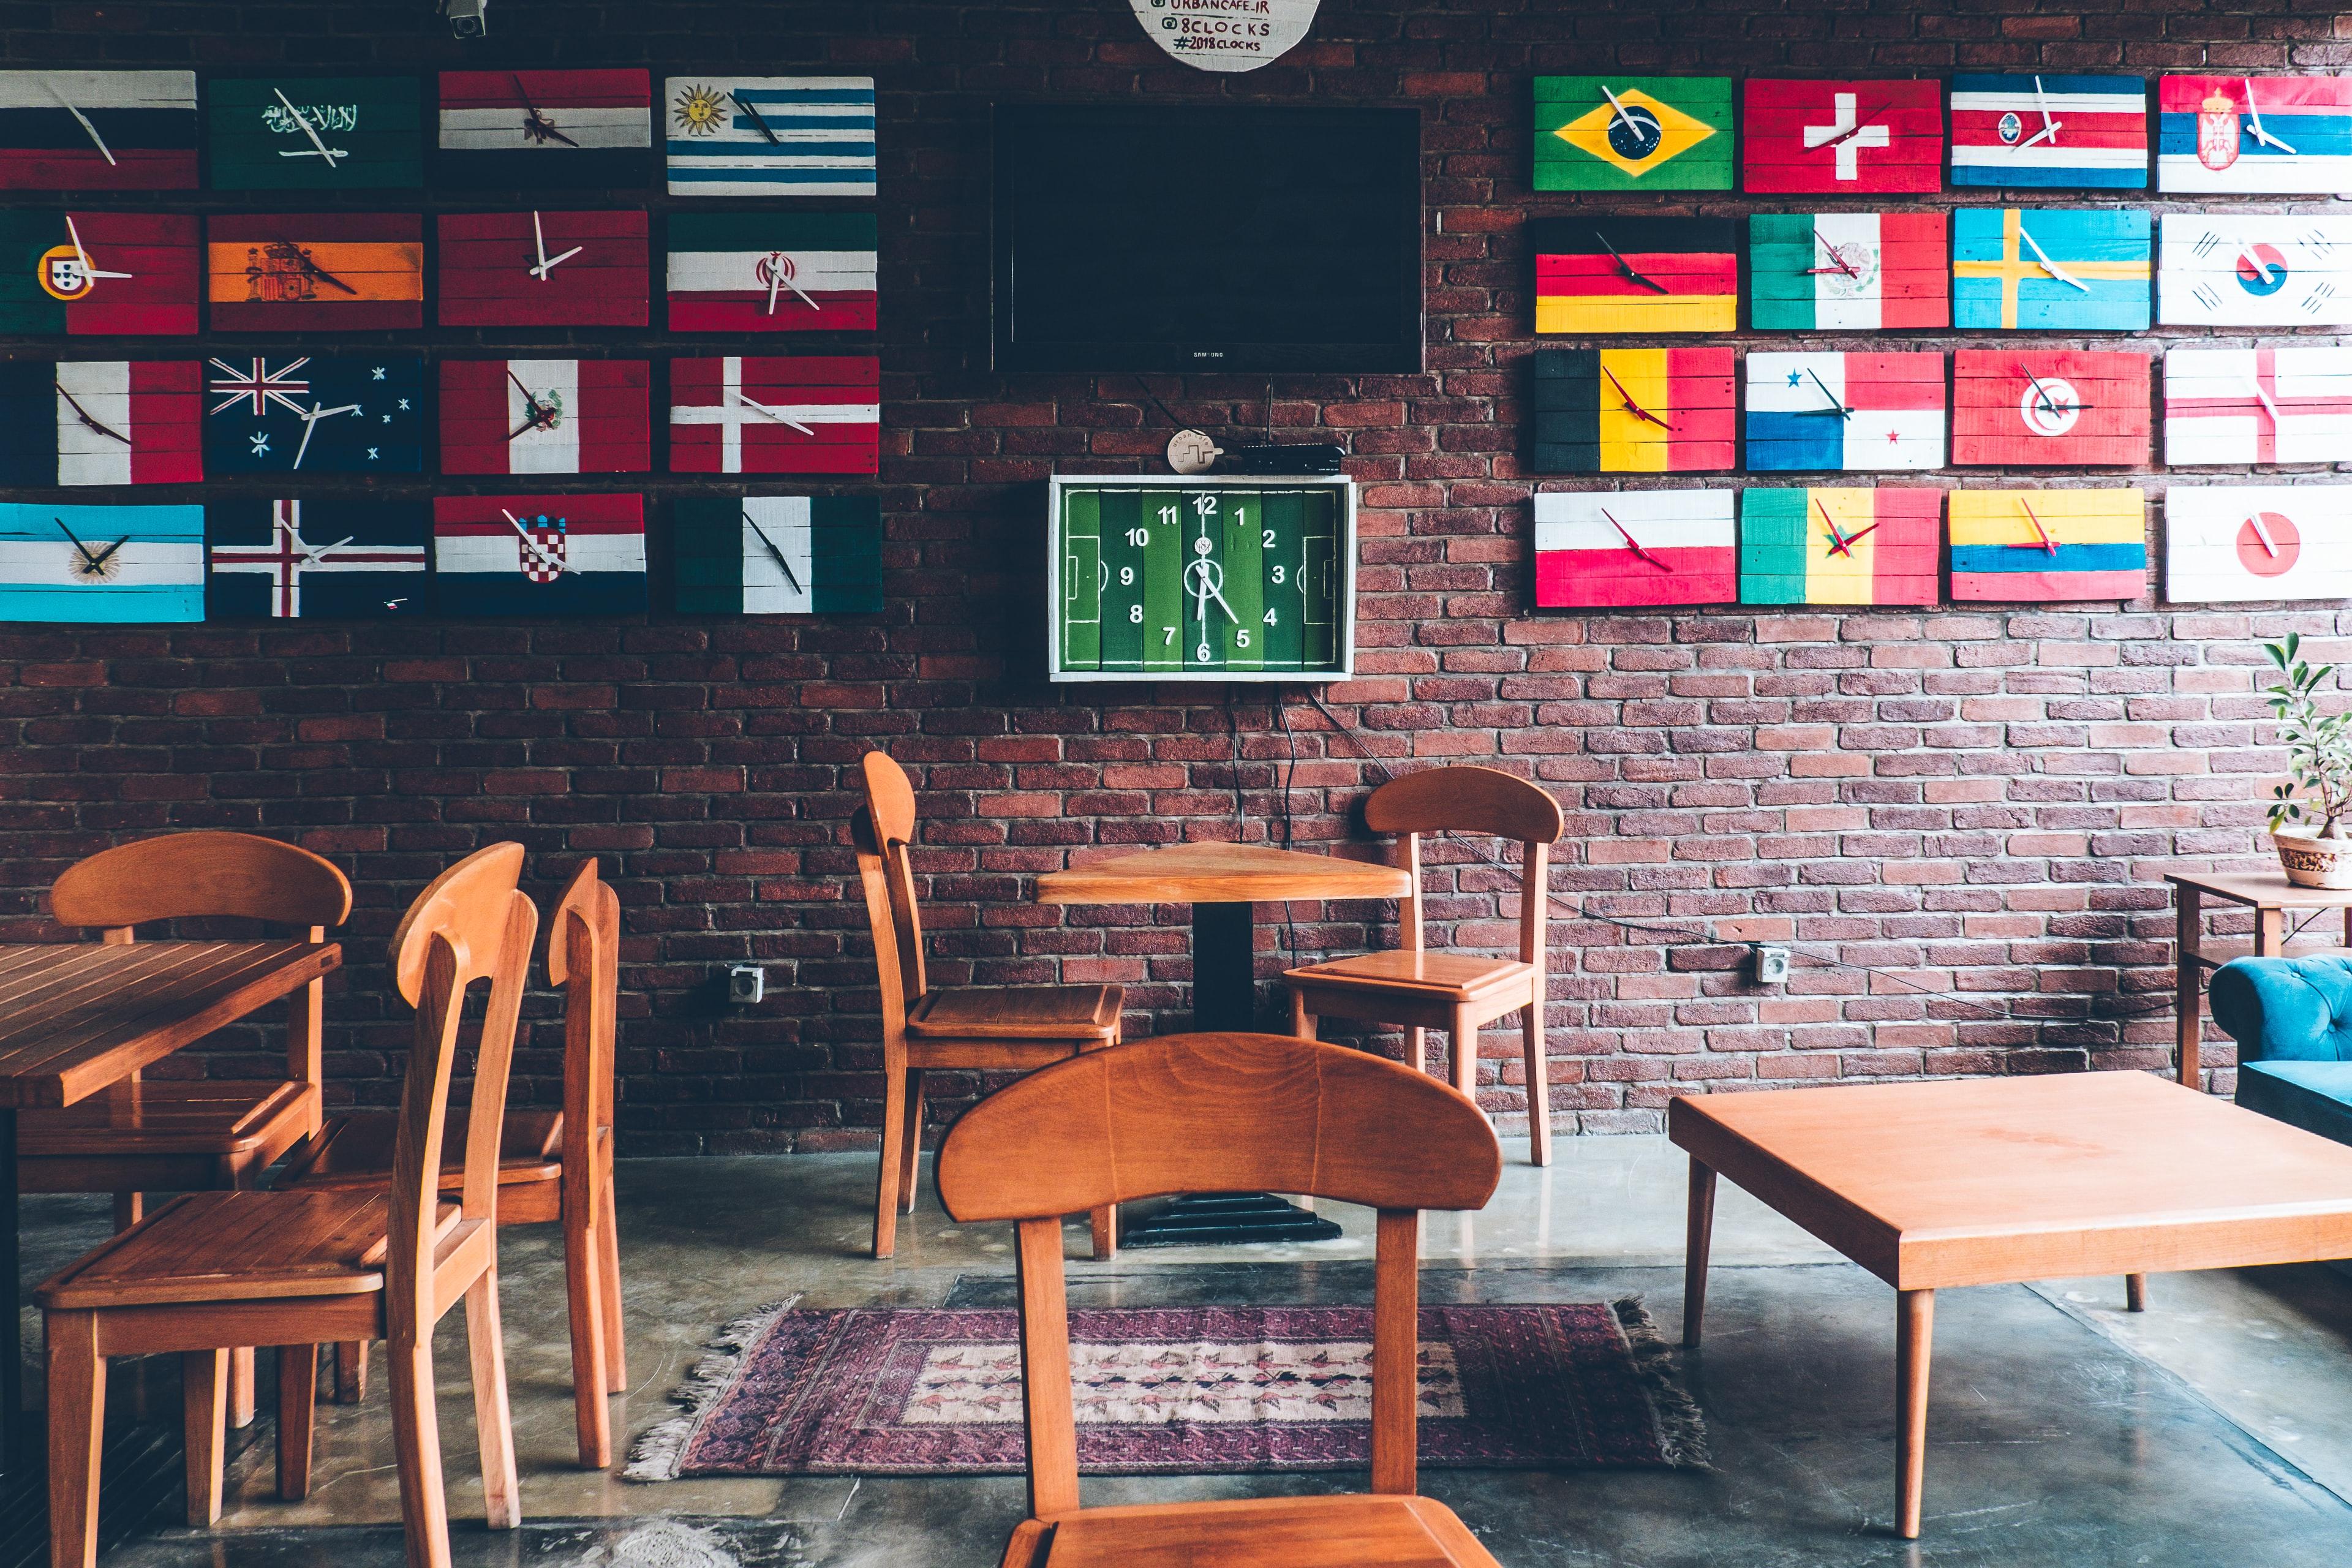 Start med at lære et nyt sprog allerede i dag